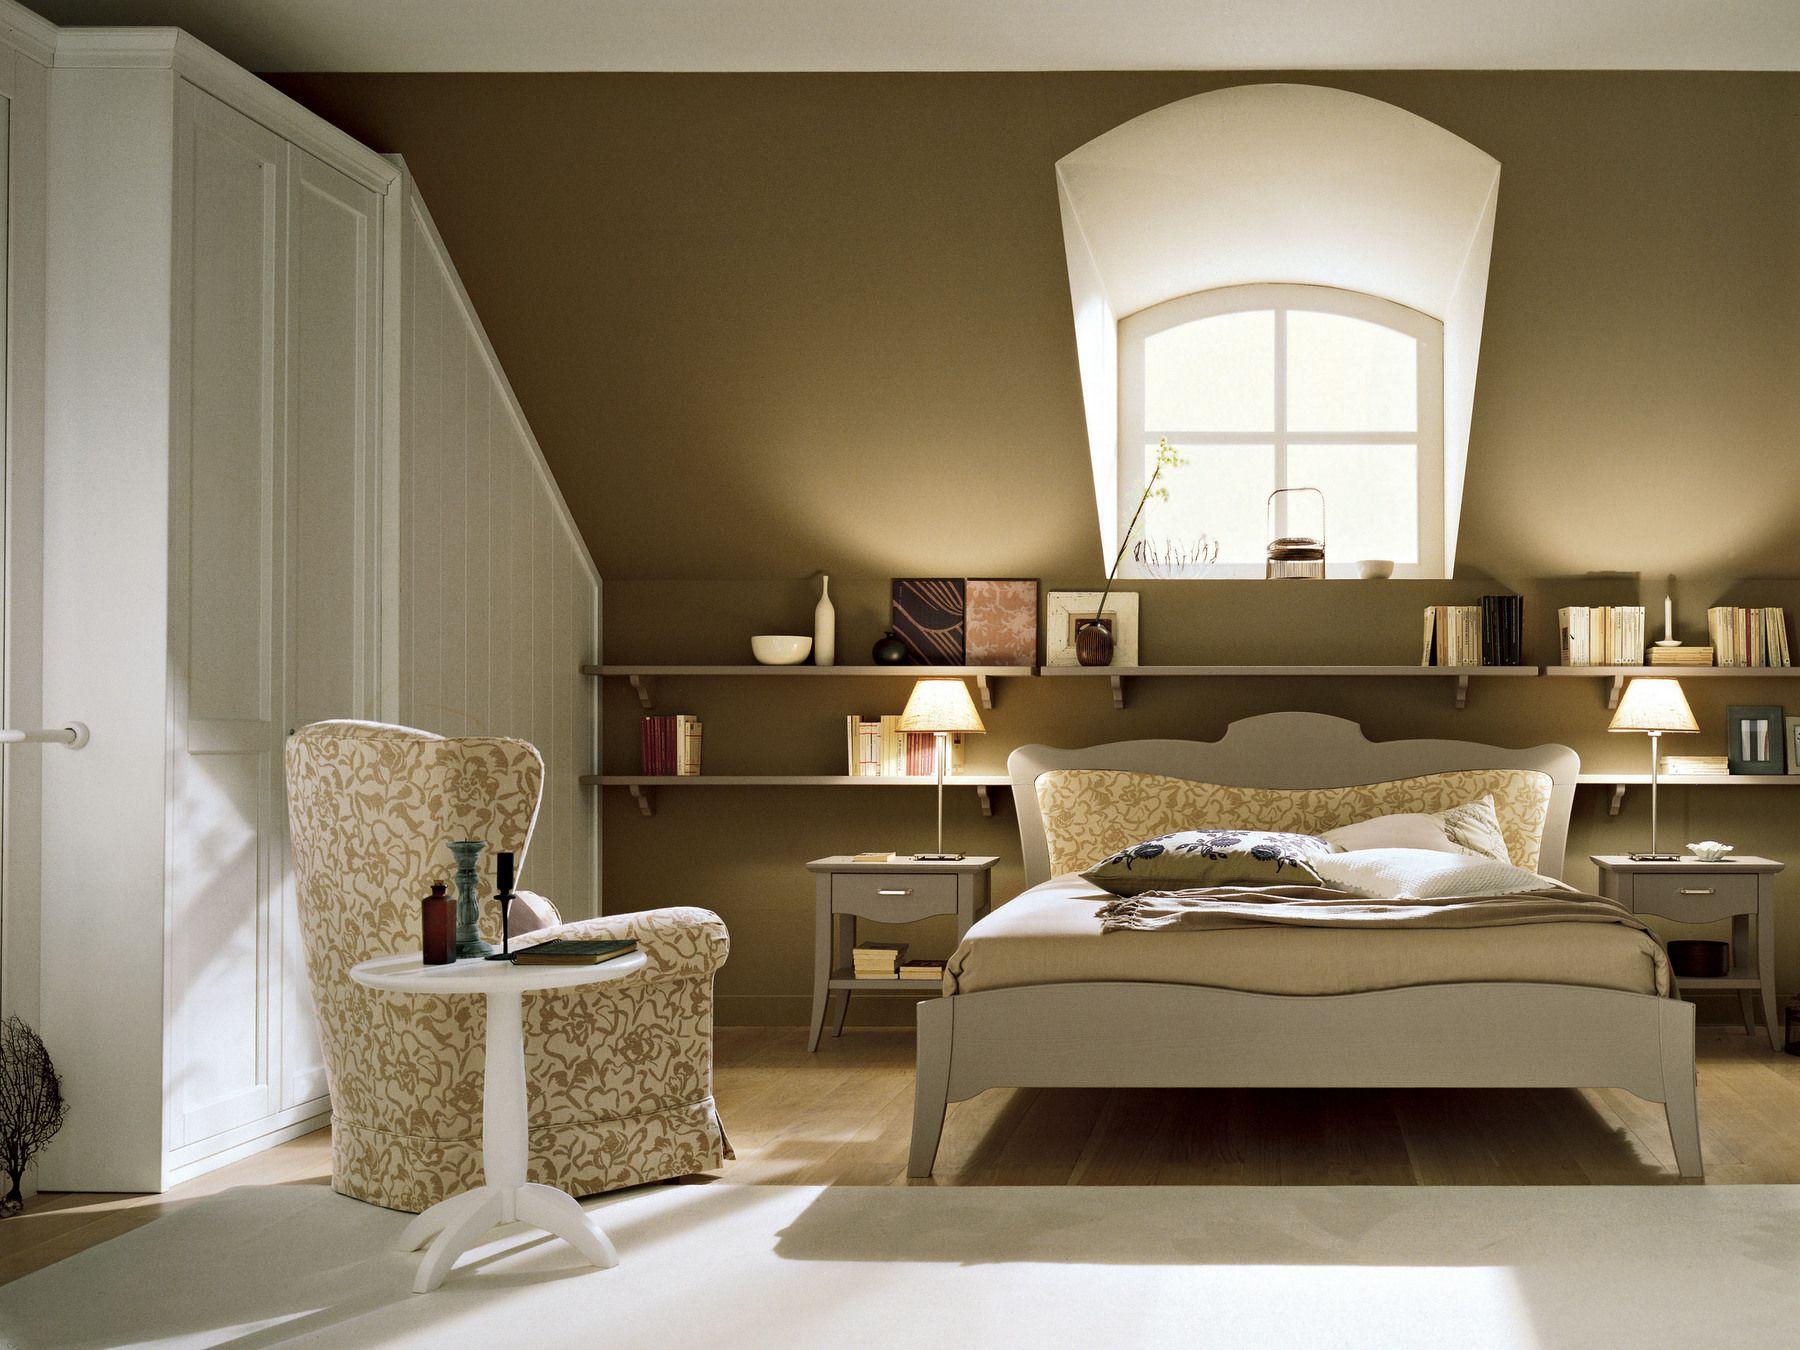 schlafzimmer-set aus fichte nuovo mondo n05scandola mobili